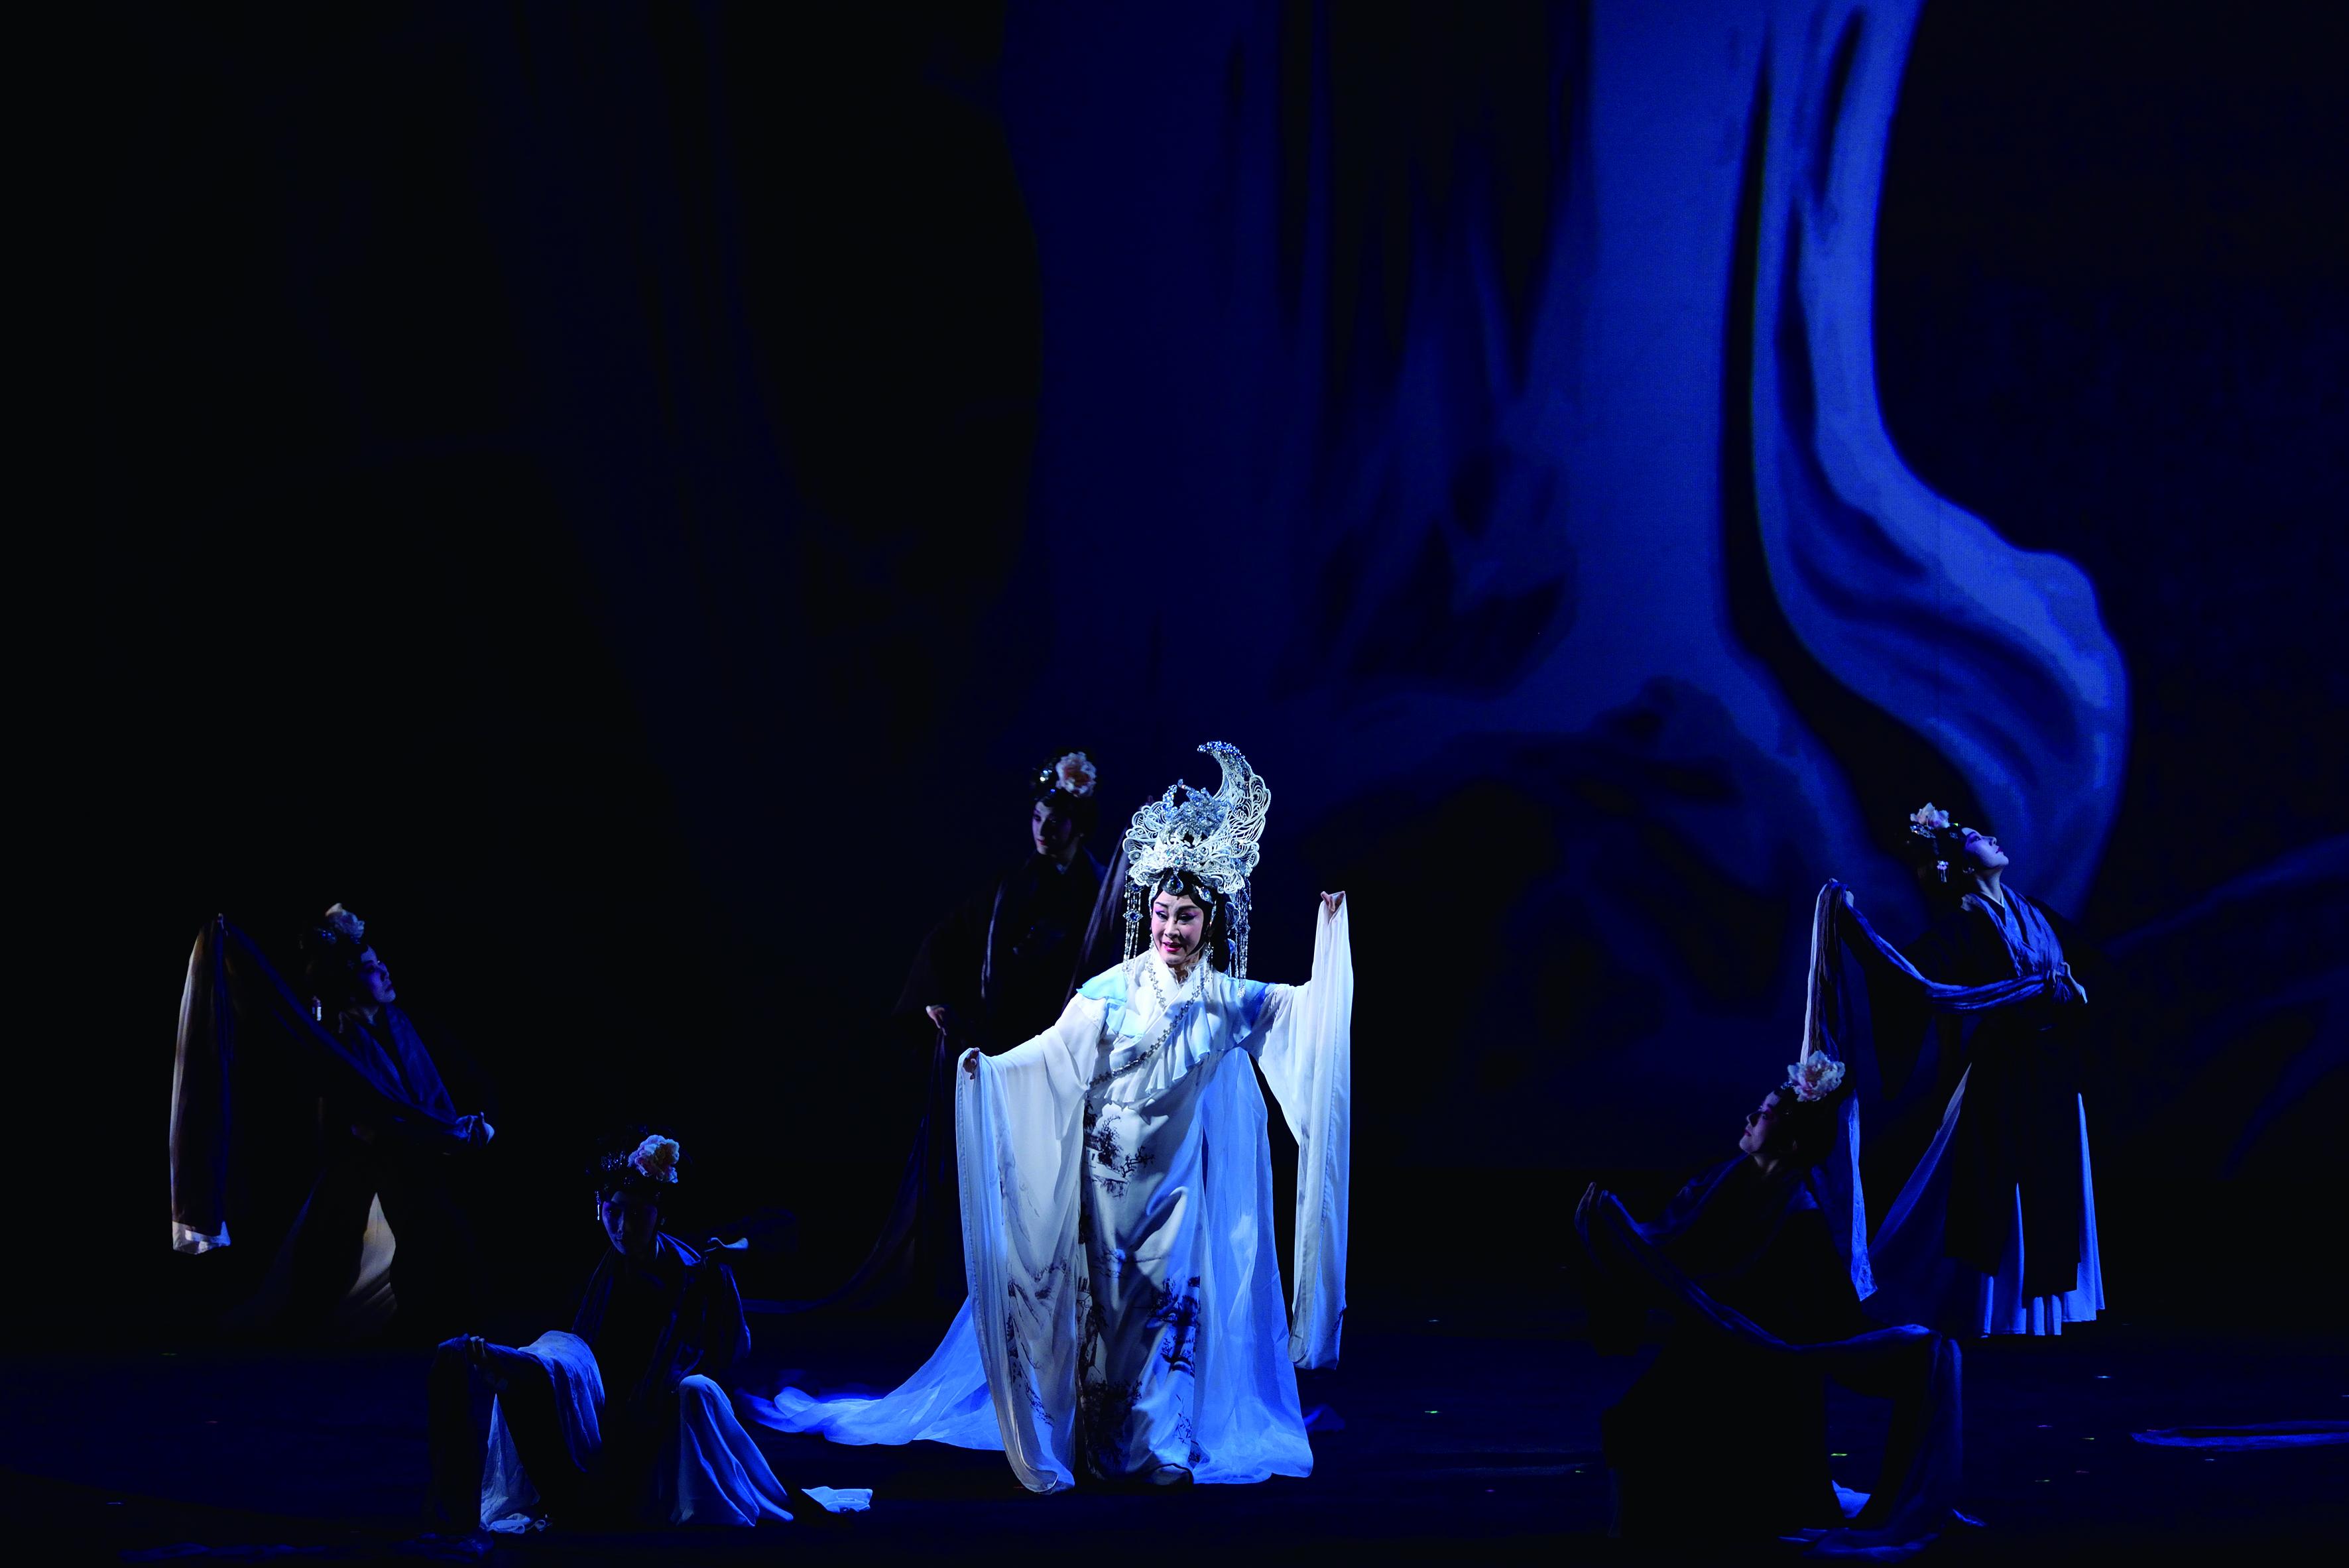 圖4《快雪時晴》劇中魏海敏( 中) 飾演的「大地之母」為精神原鄉的化身,引領著劇中人物的精神走向。.jpg